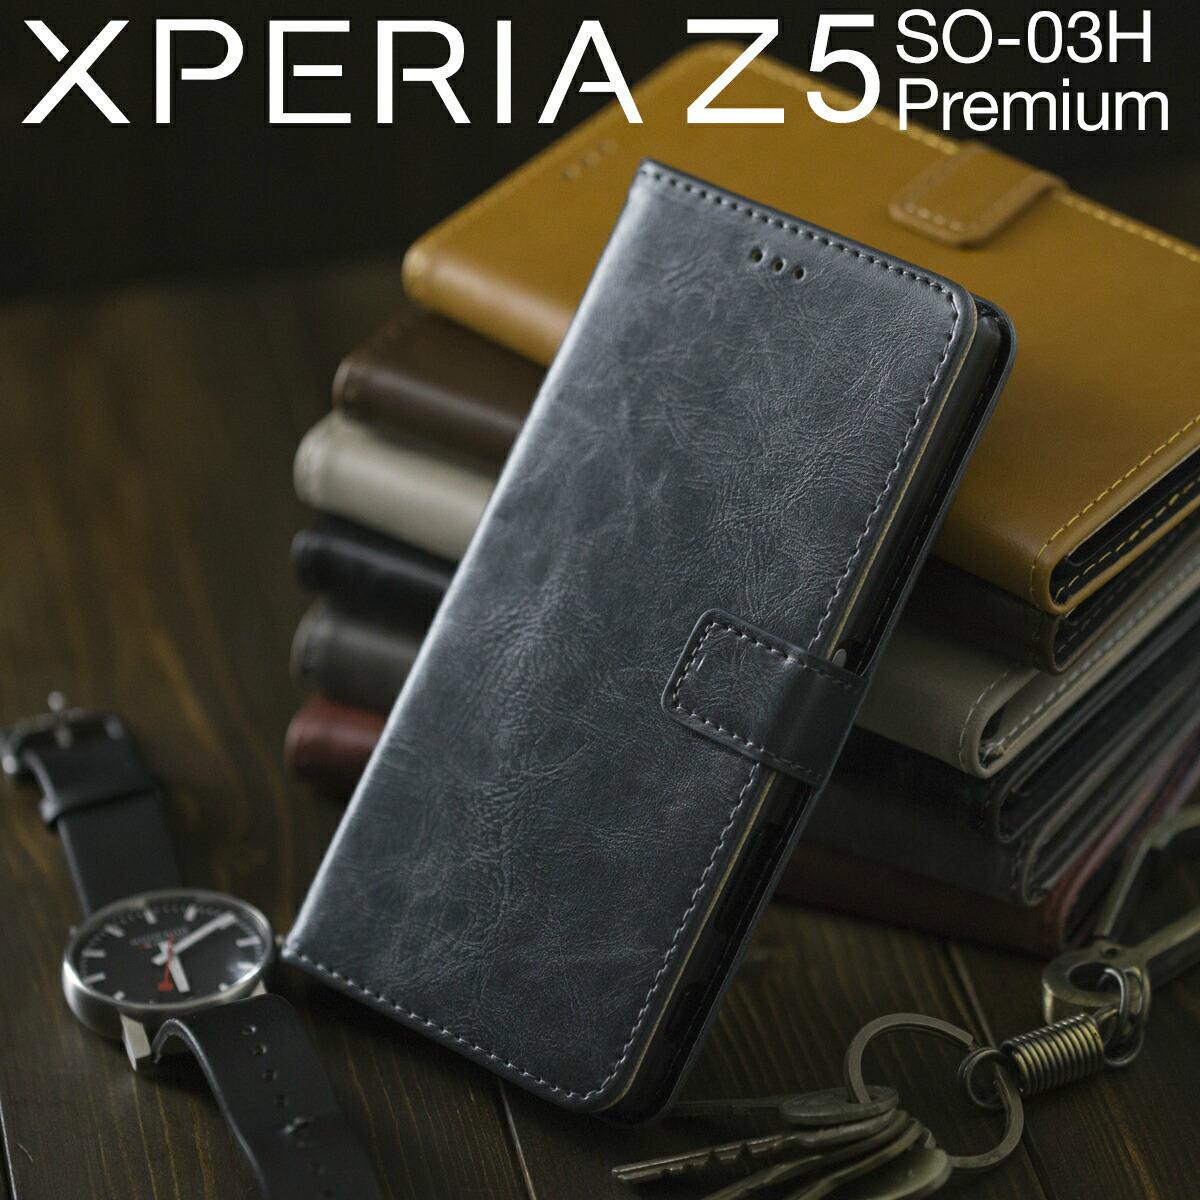 送料無料 XperiaZ5 Premium SO-03H アンティークレザー手帳型ケース ギフト 名入れ | アンティーク レザー 革 手帳型 定番 スタンド カード収納 カードポケット スマホ スマフォ ケース スマホケース スマフォケース Android アンドロイド